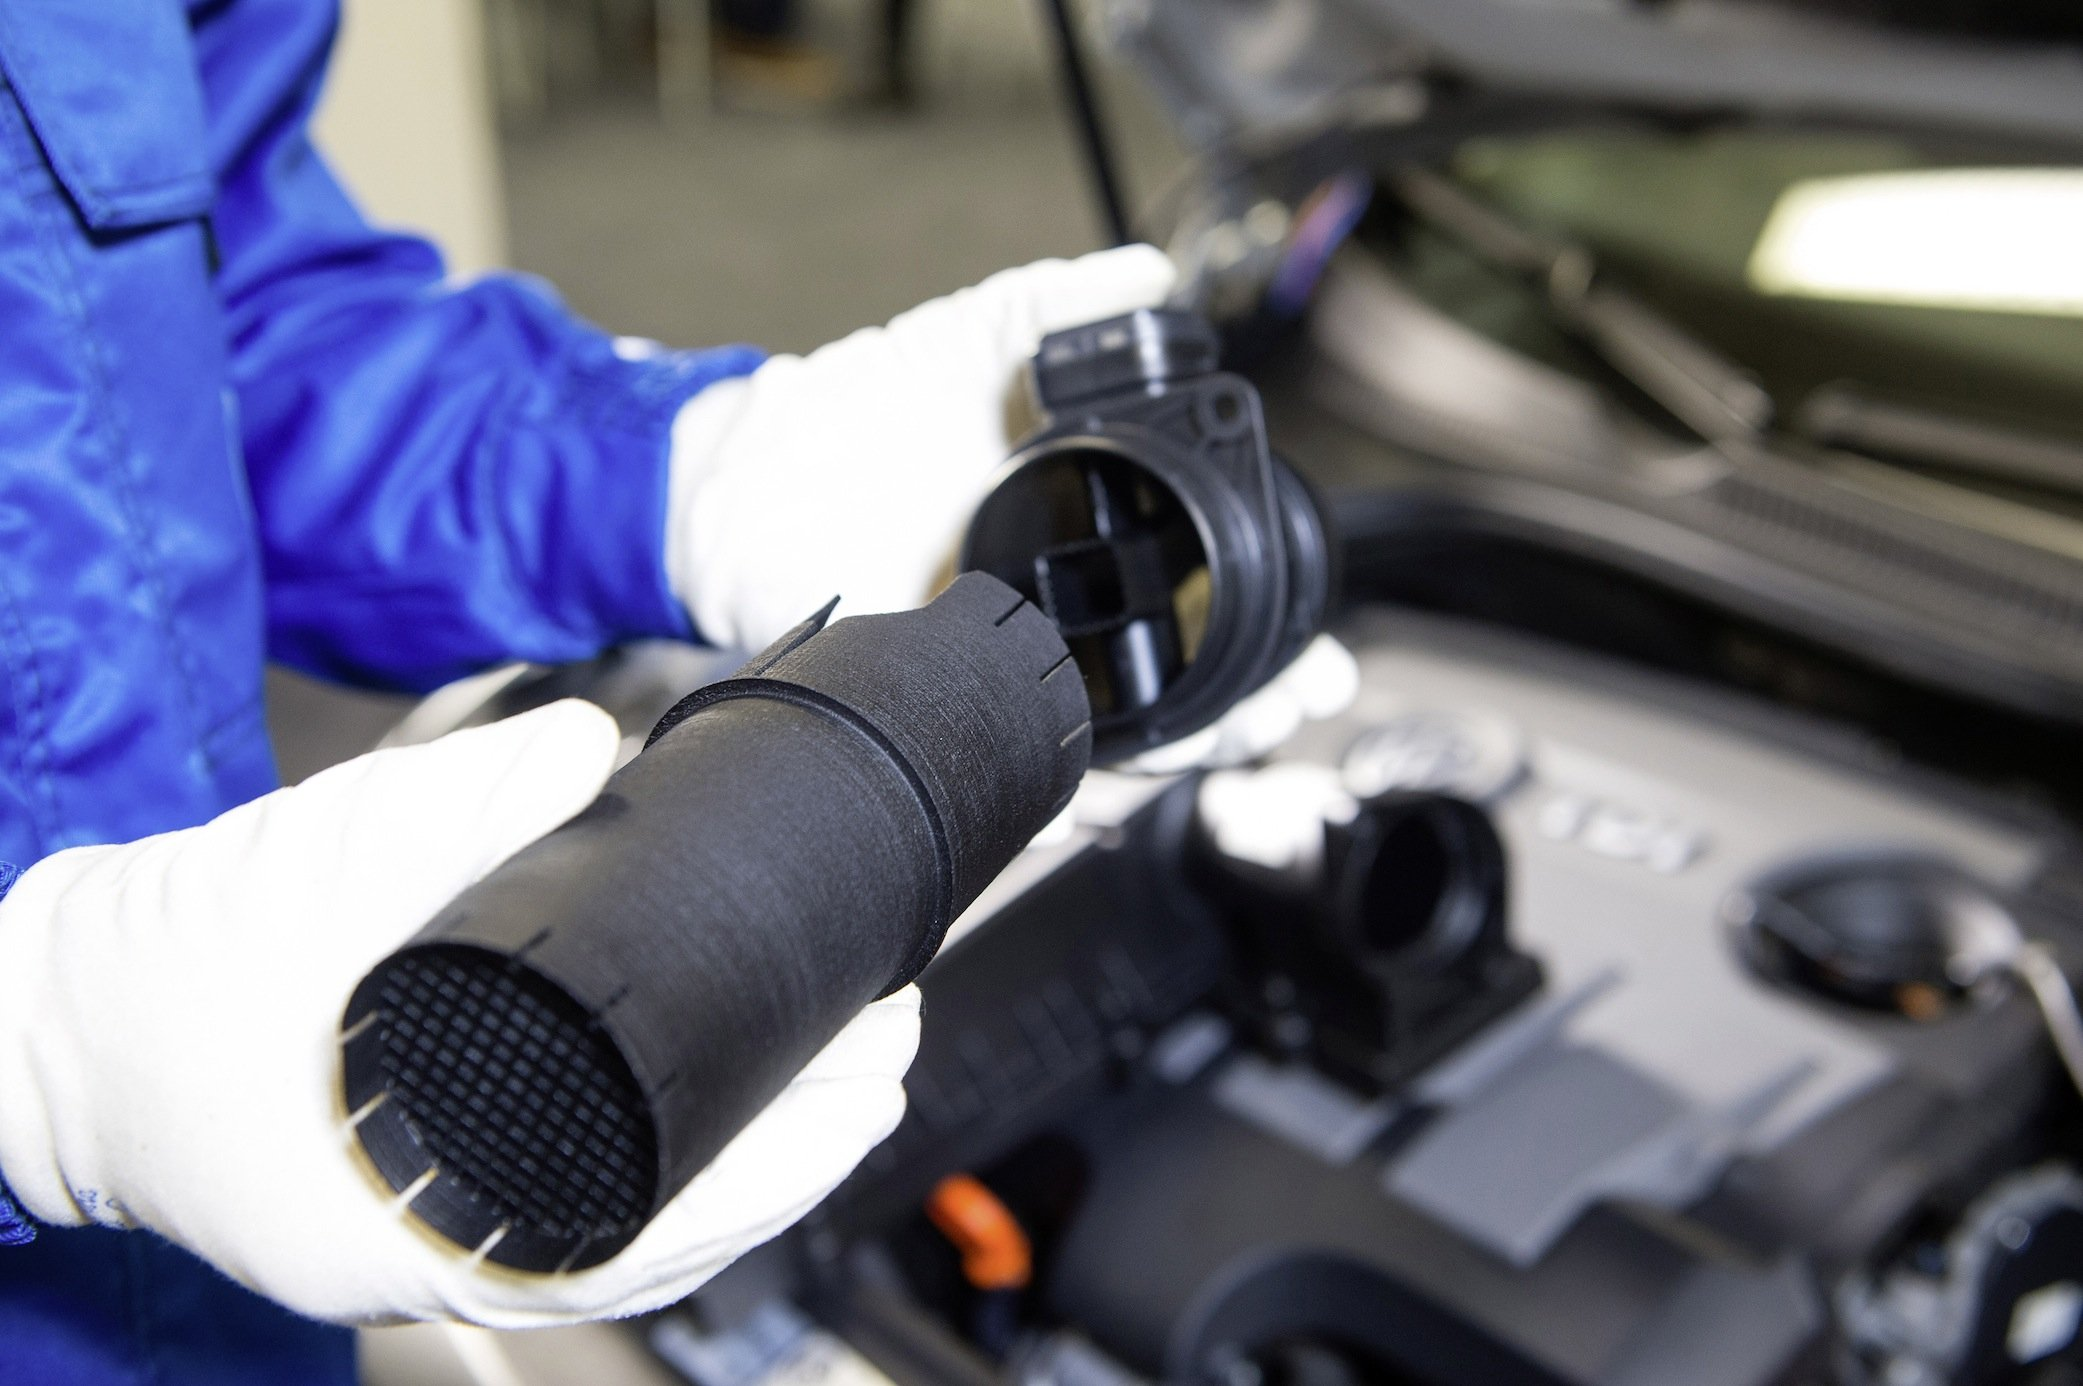 Das Kunststoffrohr, das die Emissionsprobleme von VW lösen soll, ist ein Pfennigsartikel. Man fragt sich, warum VW überhaupt versucht hat, die Abgaswerte per Software zu manipulieren, wenn die Lösung so einfach sein soll.